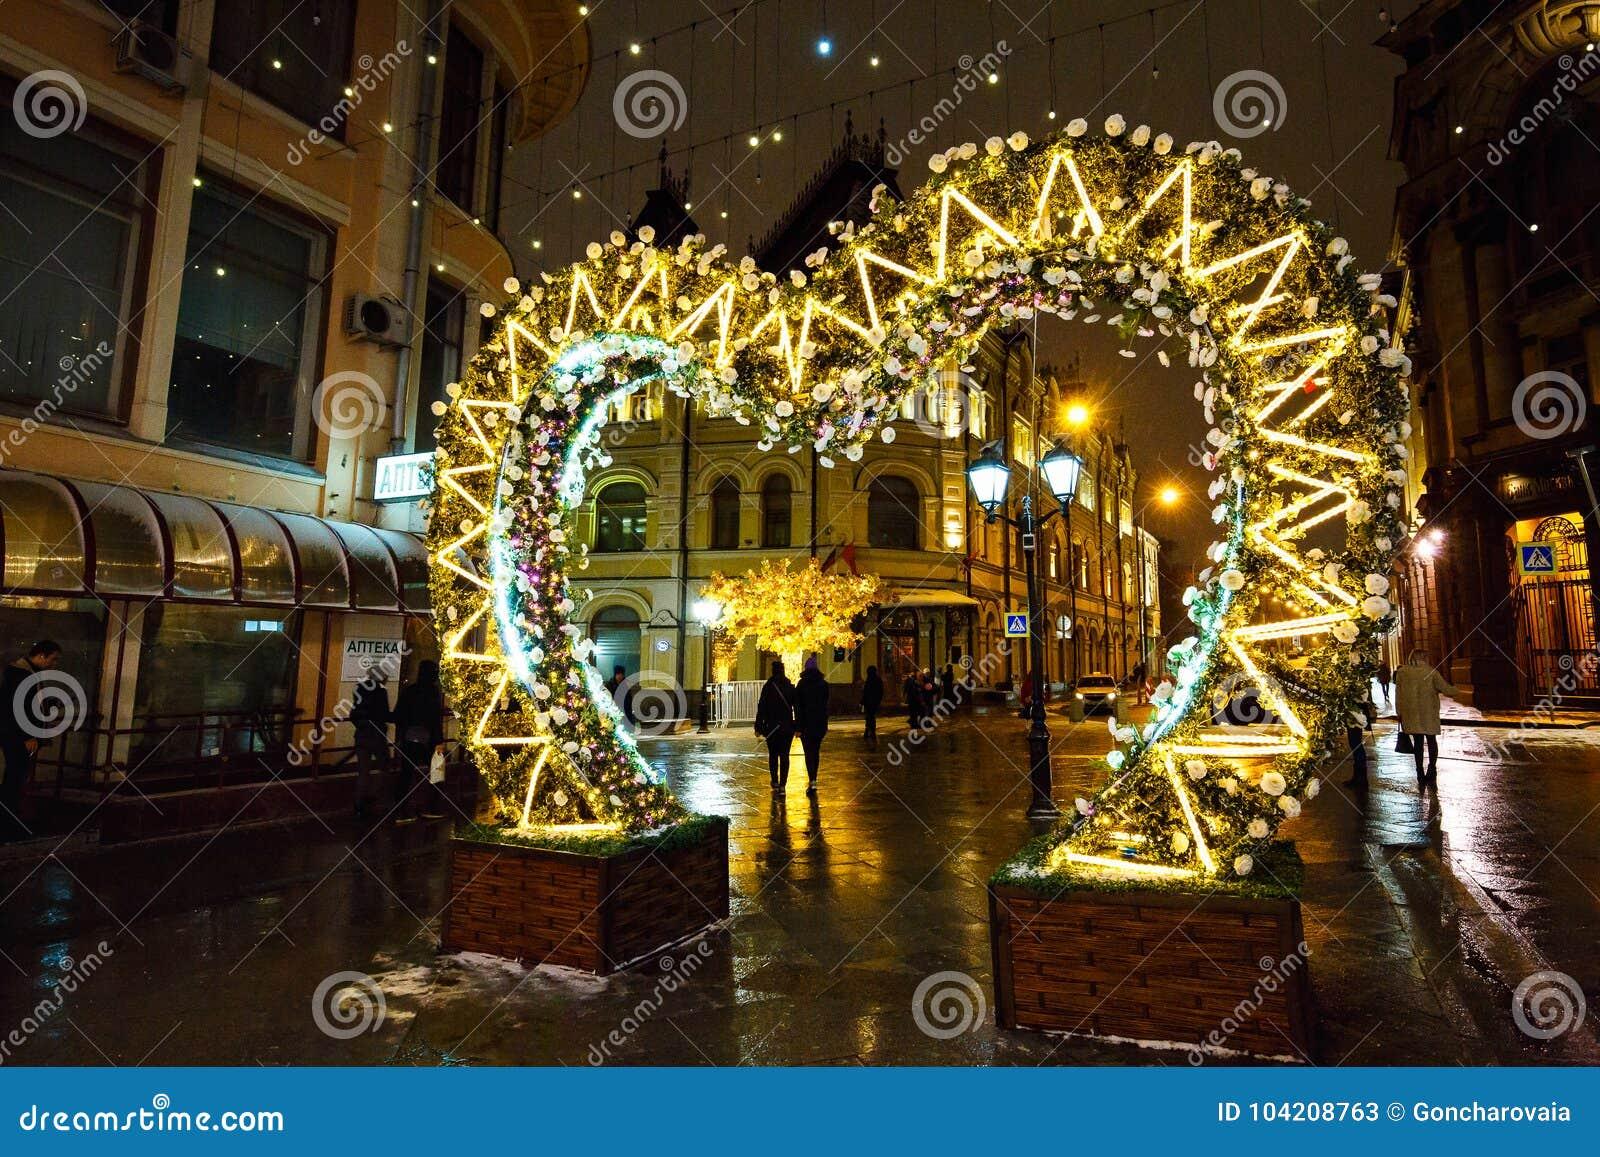 MOSKAU, RUSSLAND - 4. NOVEMBER 2016: Straßendekoration mit Weihnachtslichtern und belichteten Bäumen in der Winternacht